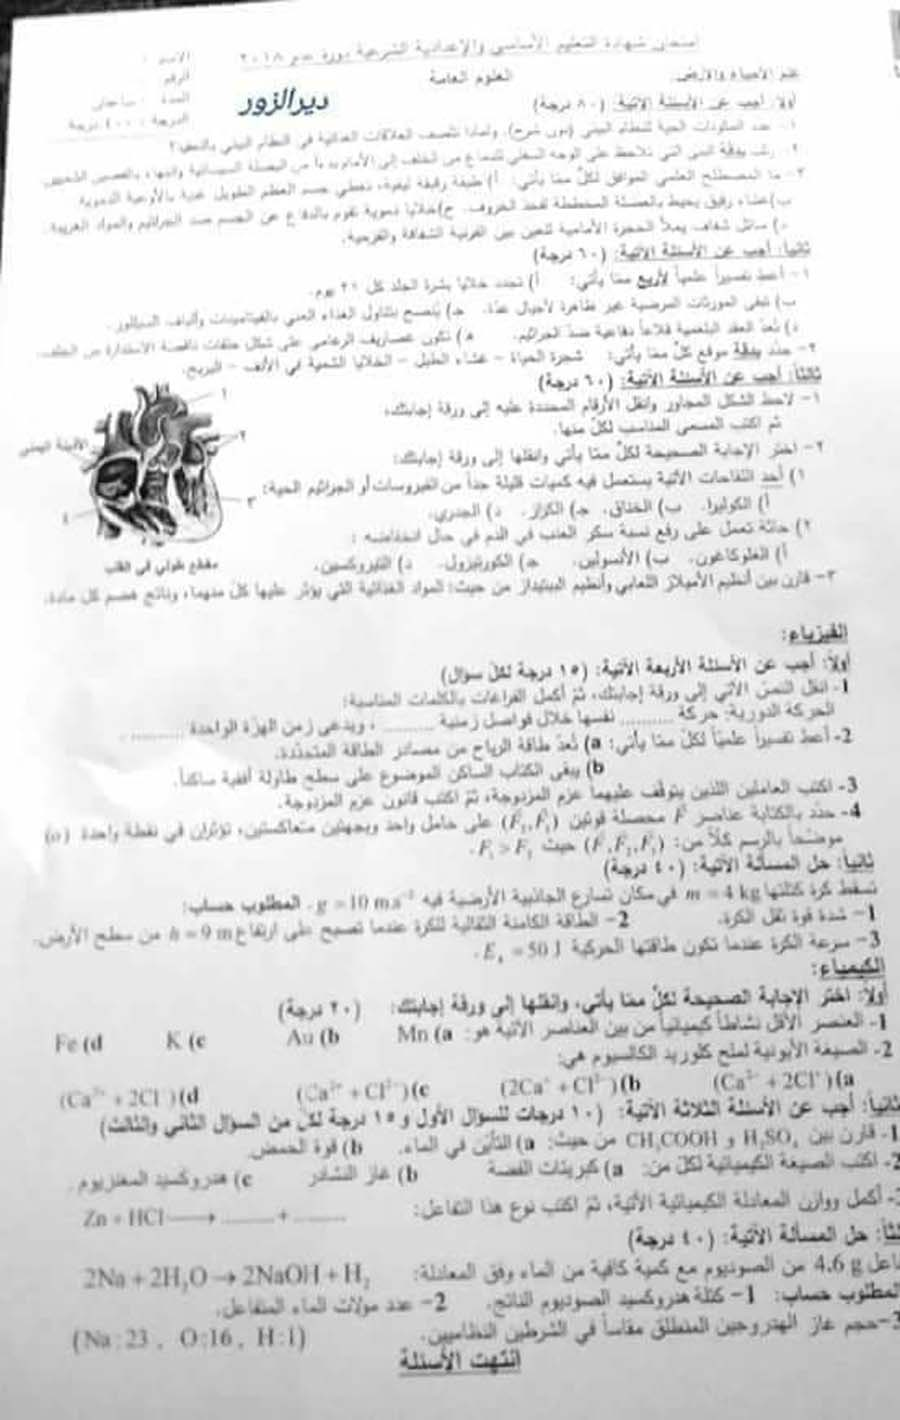 اسئلة امتحان العلوم 2018 لطلاب التاسع في سوريا - اسئلة جميع المحافظات دورة 2018